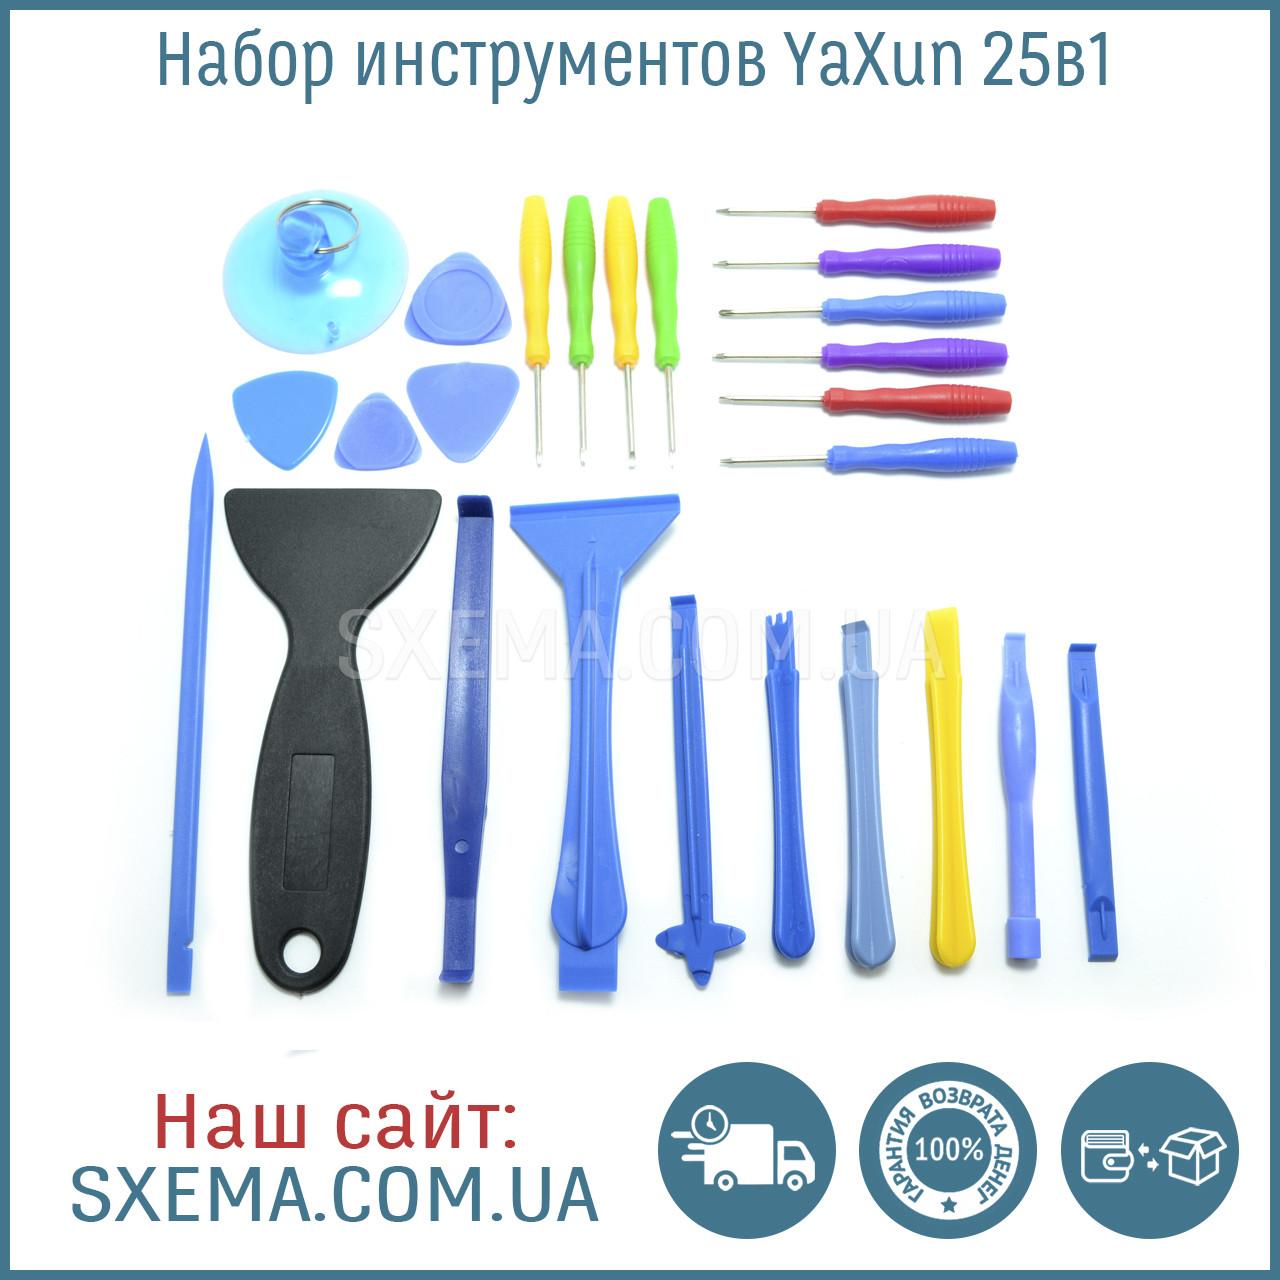 Инструменты для ремонта мобильных телефонов, планшетов, компьютеров YaXun 25в1